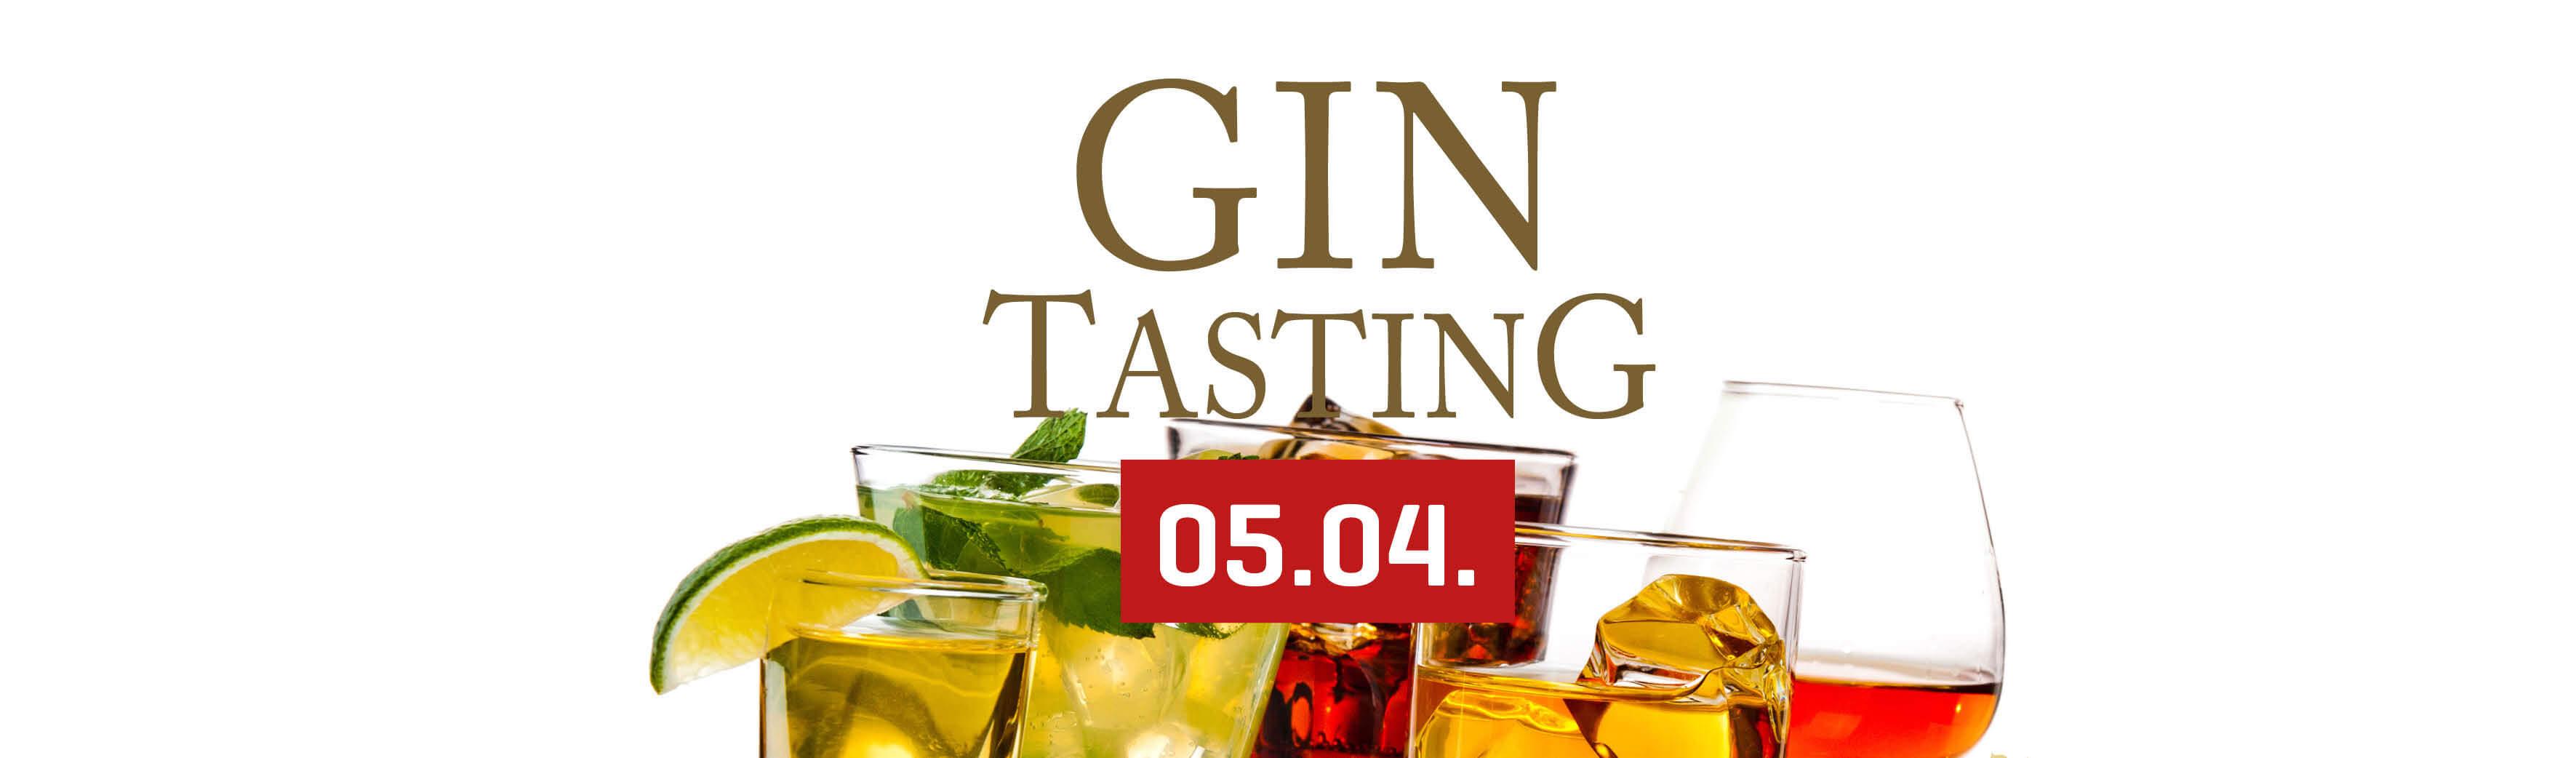 Gin-Tasting - 05.04. 2019 - le marron restaurant Menden